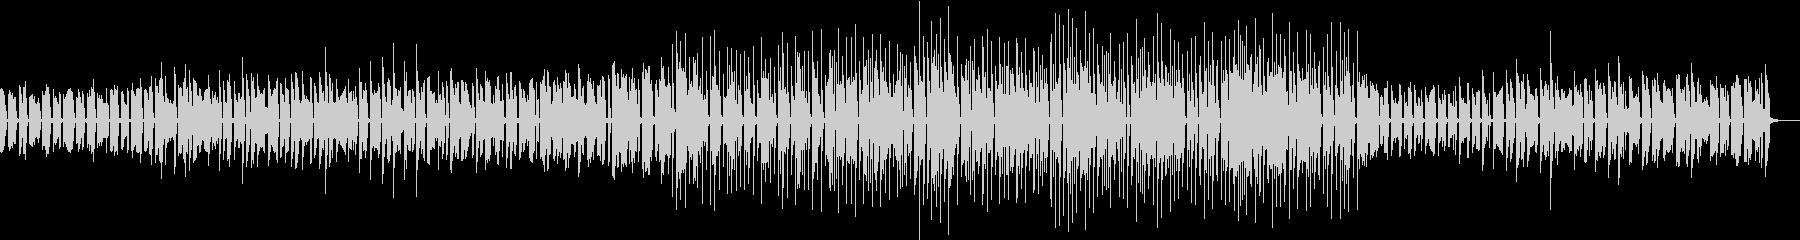 エレピ、オルガンによる日常的BGMの未再生の波形